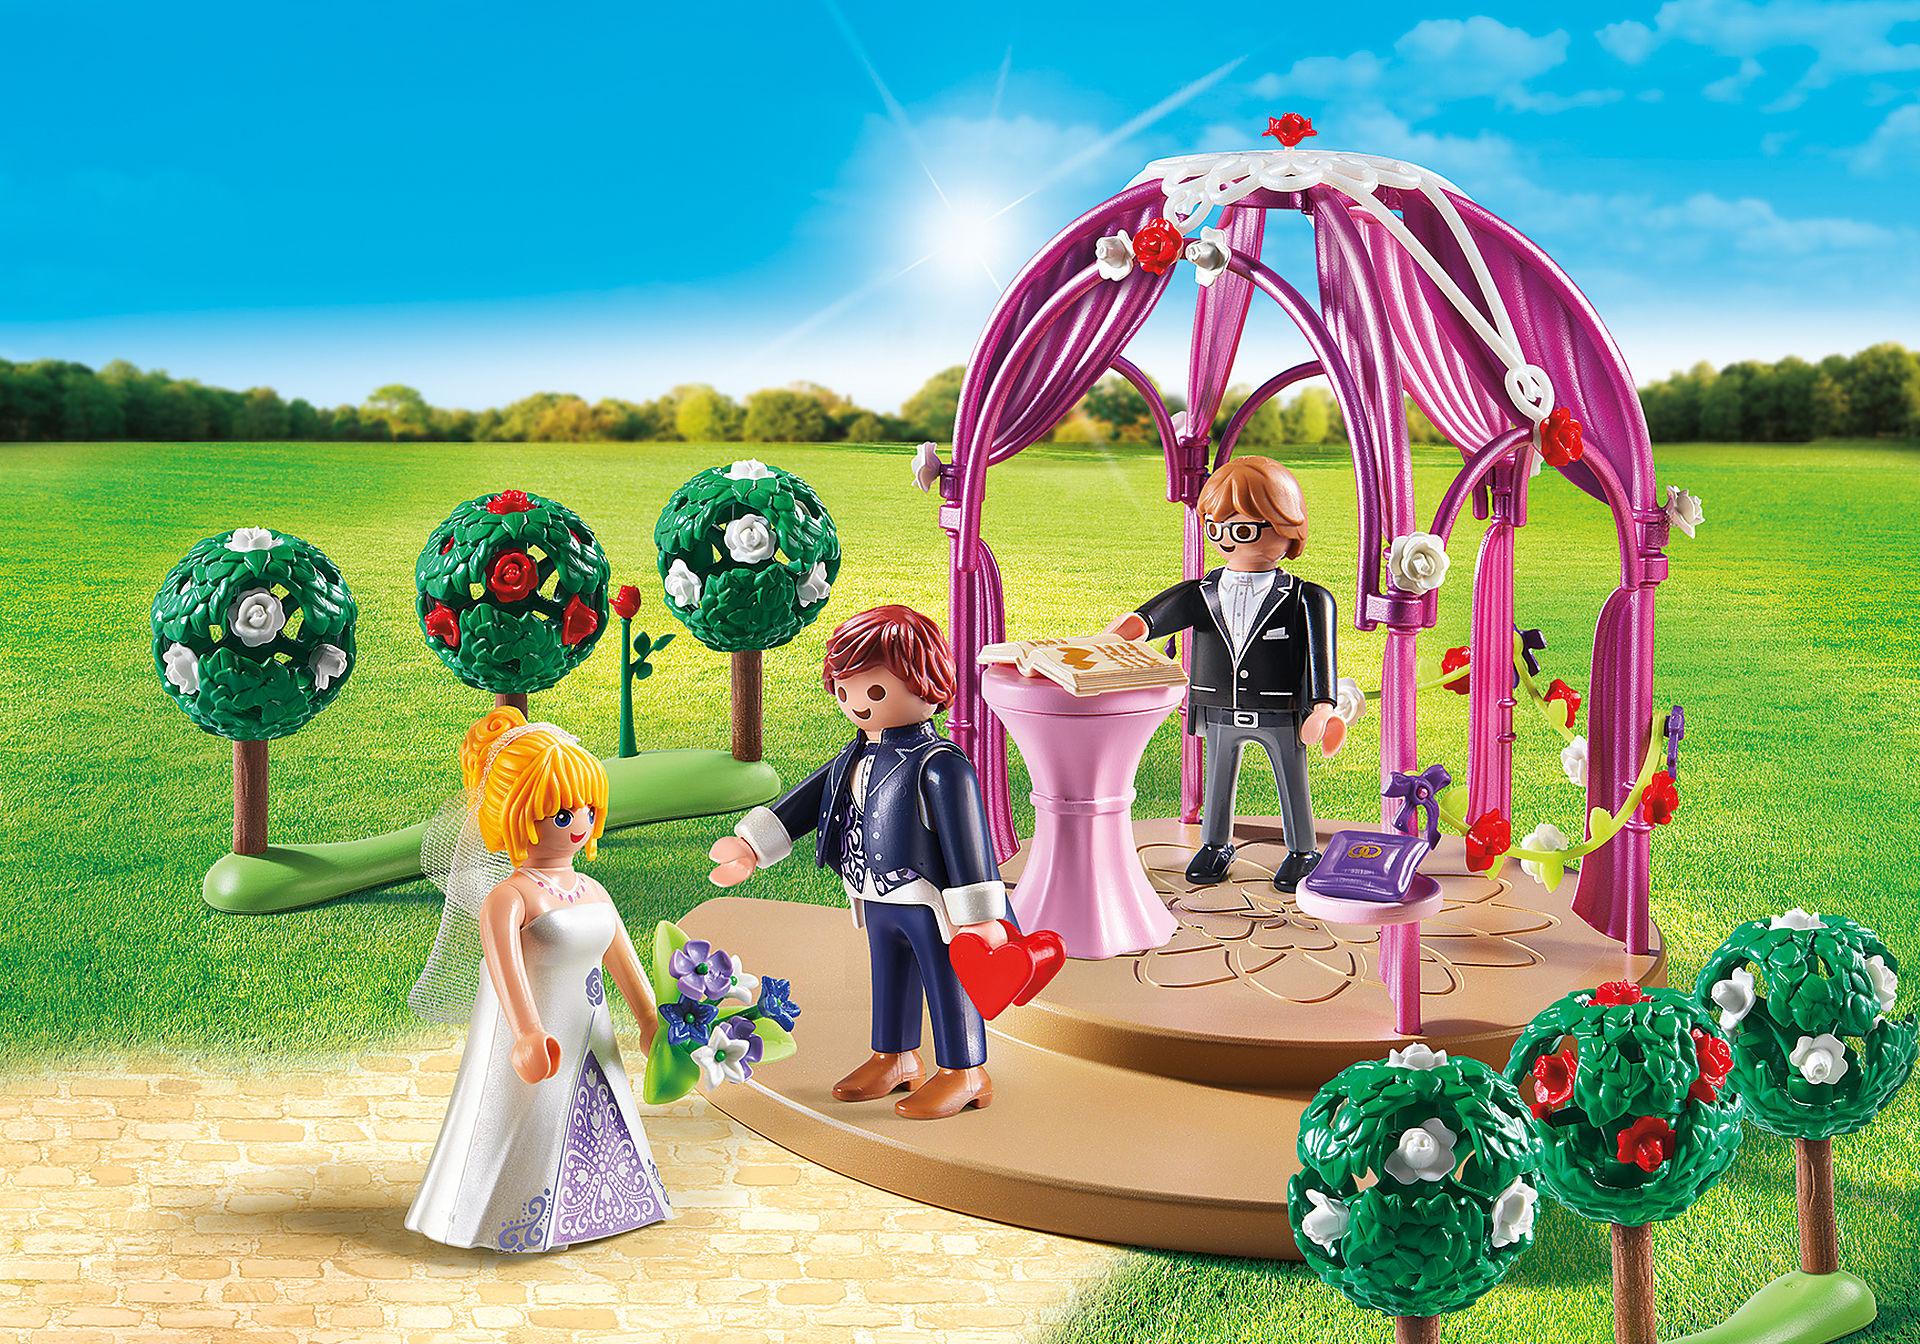 9229 Hochzeitspavillon mit Brautpaar zoom image1